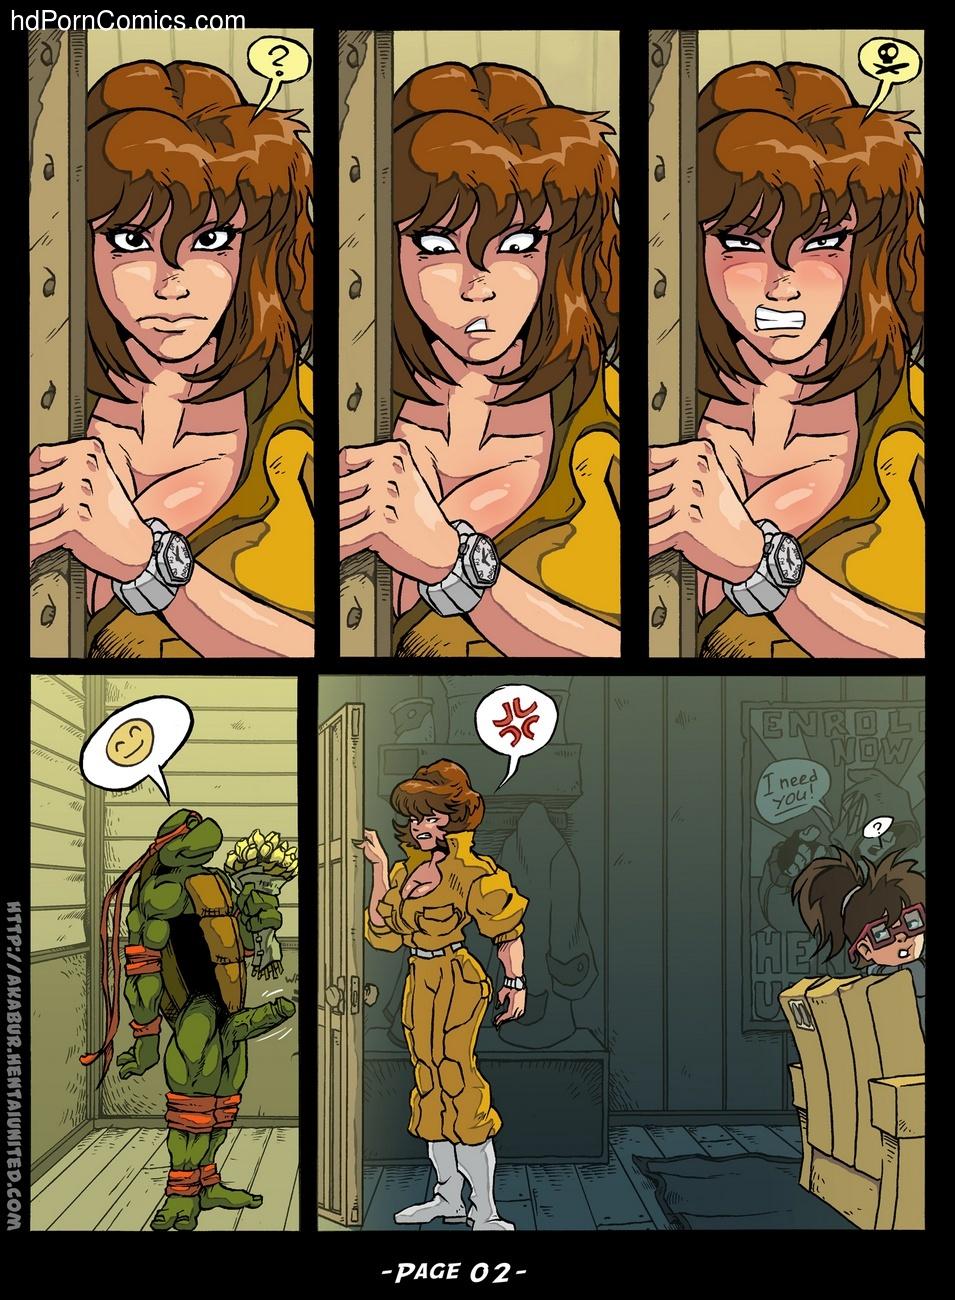 teenage mutant ninja turtles sex uncensored